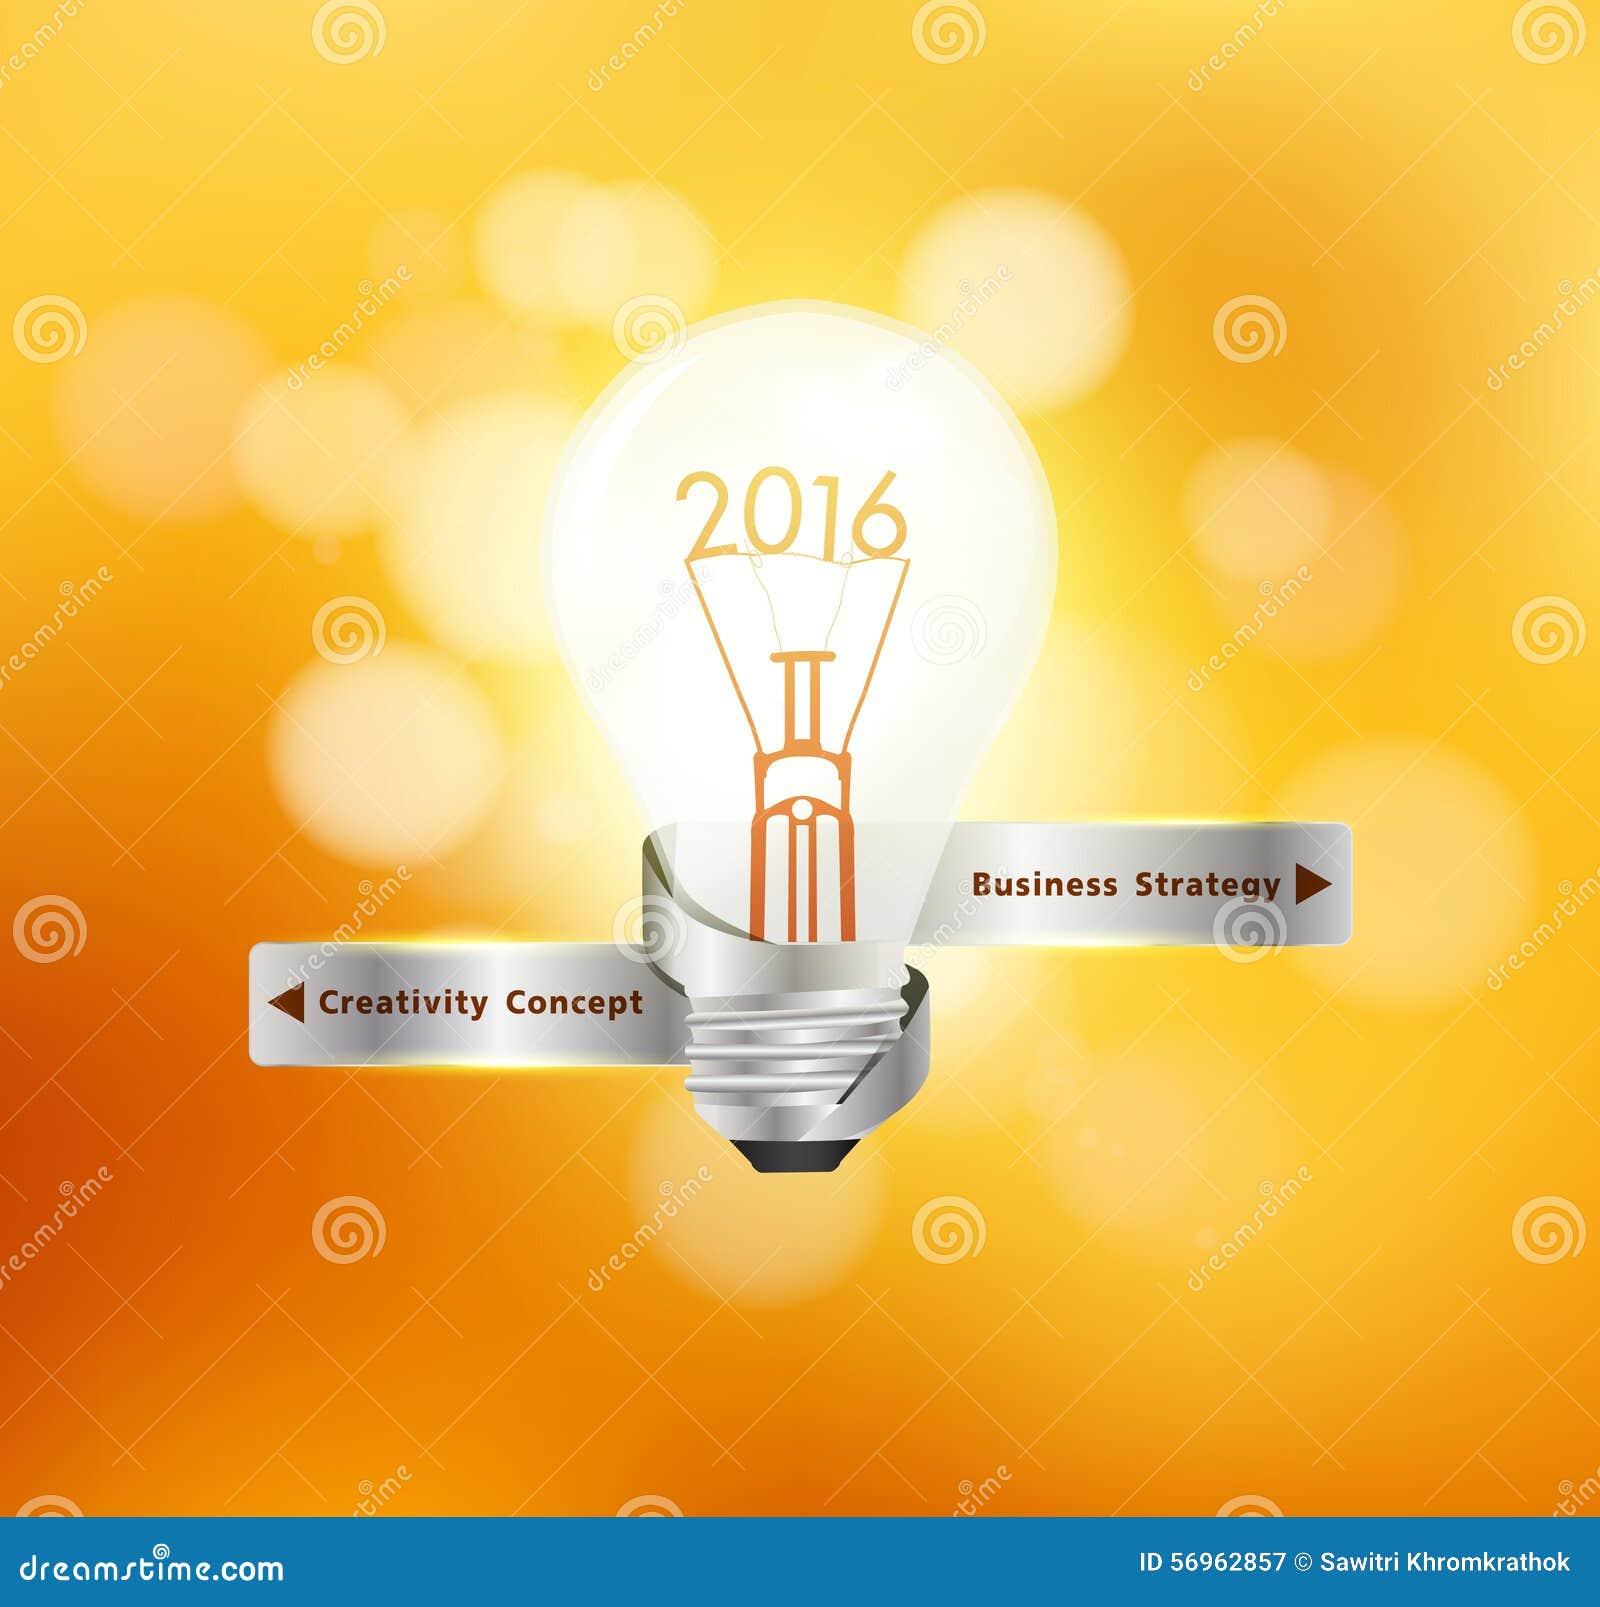 Vector creative light bulb idea 2016 new year